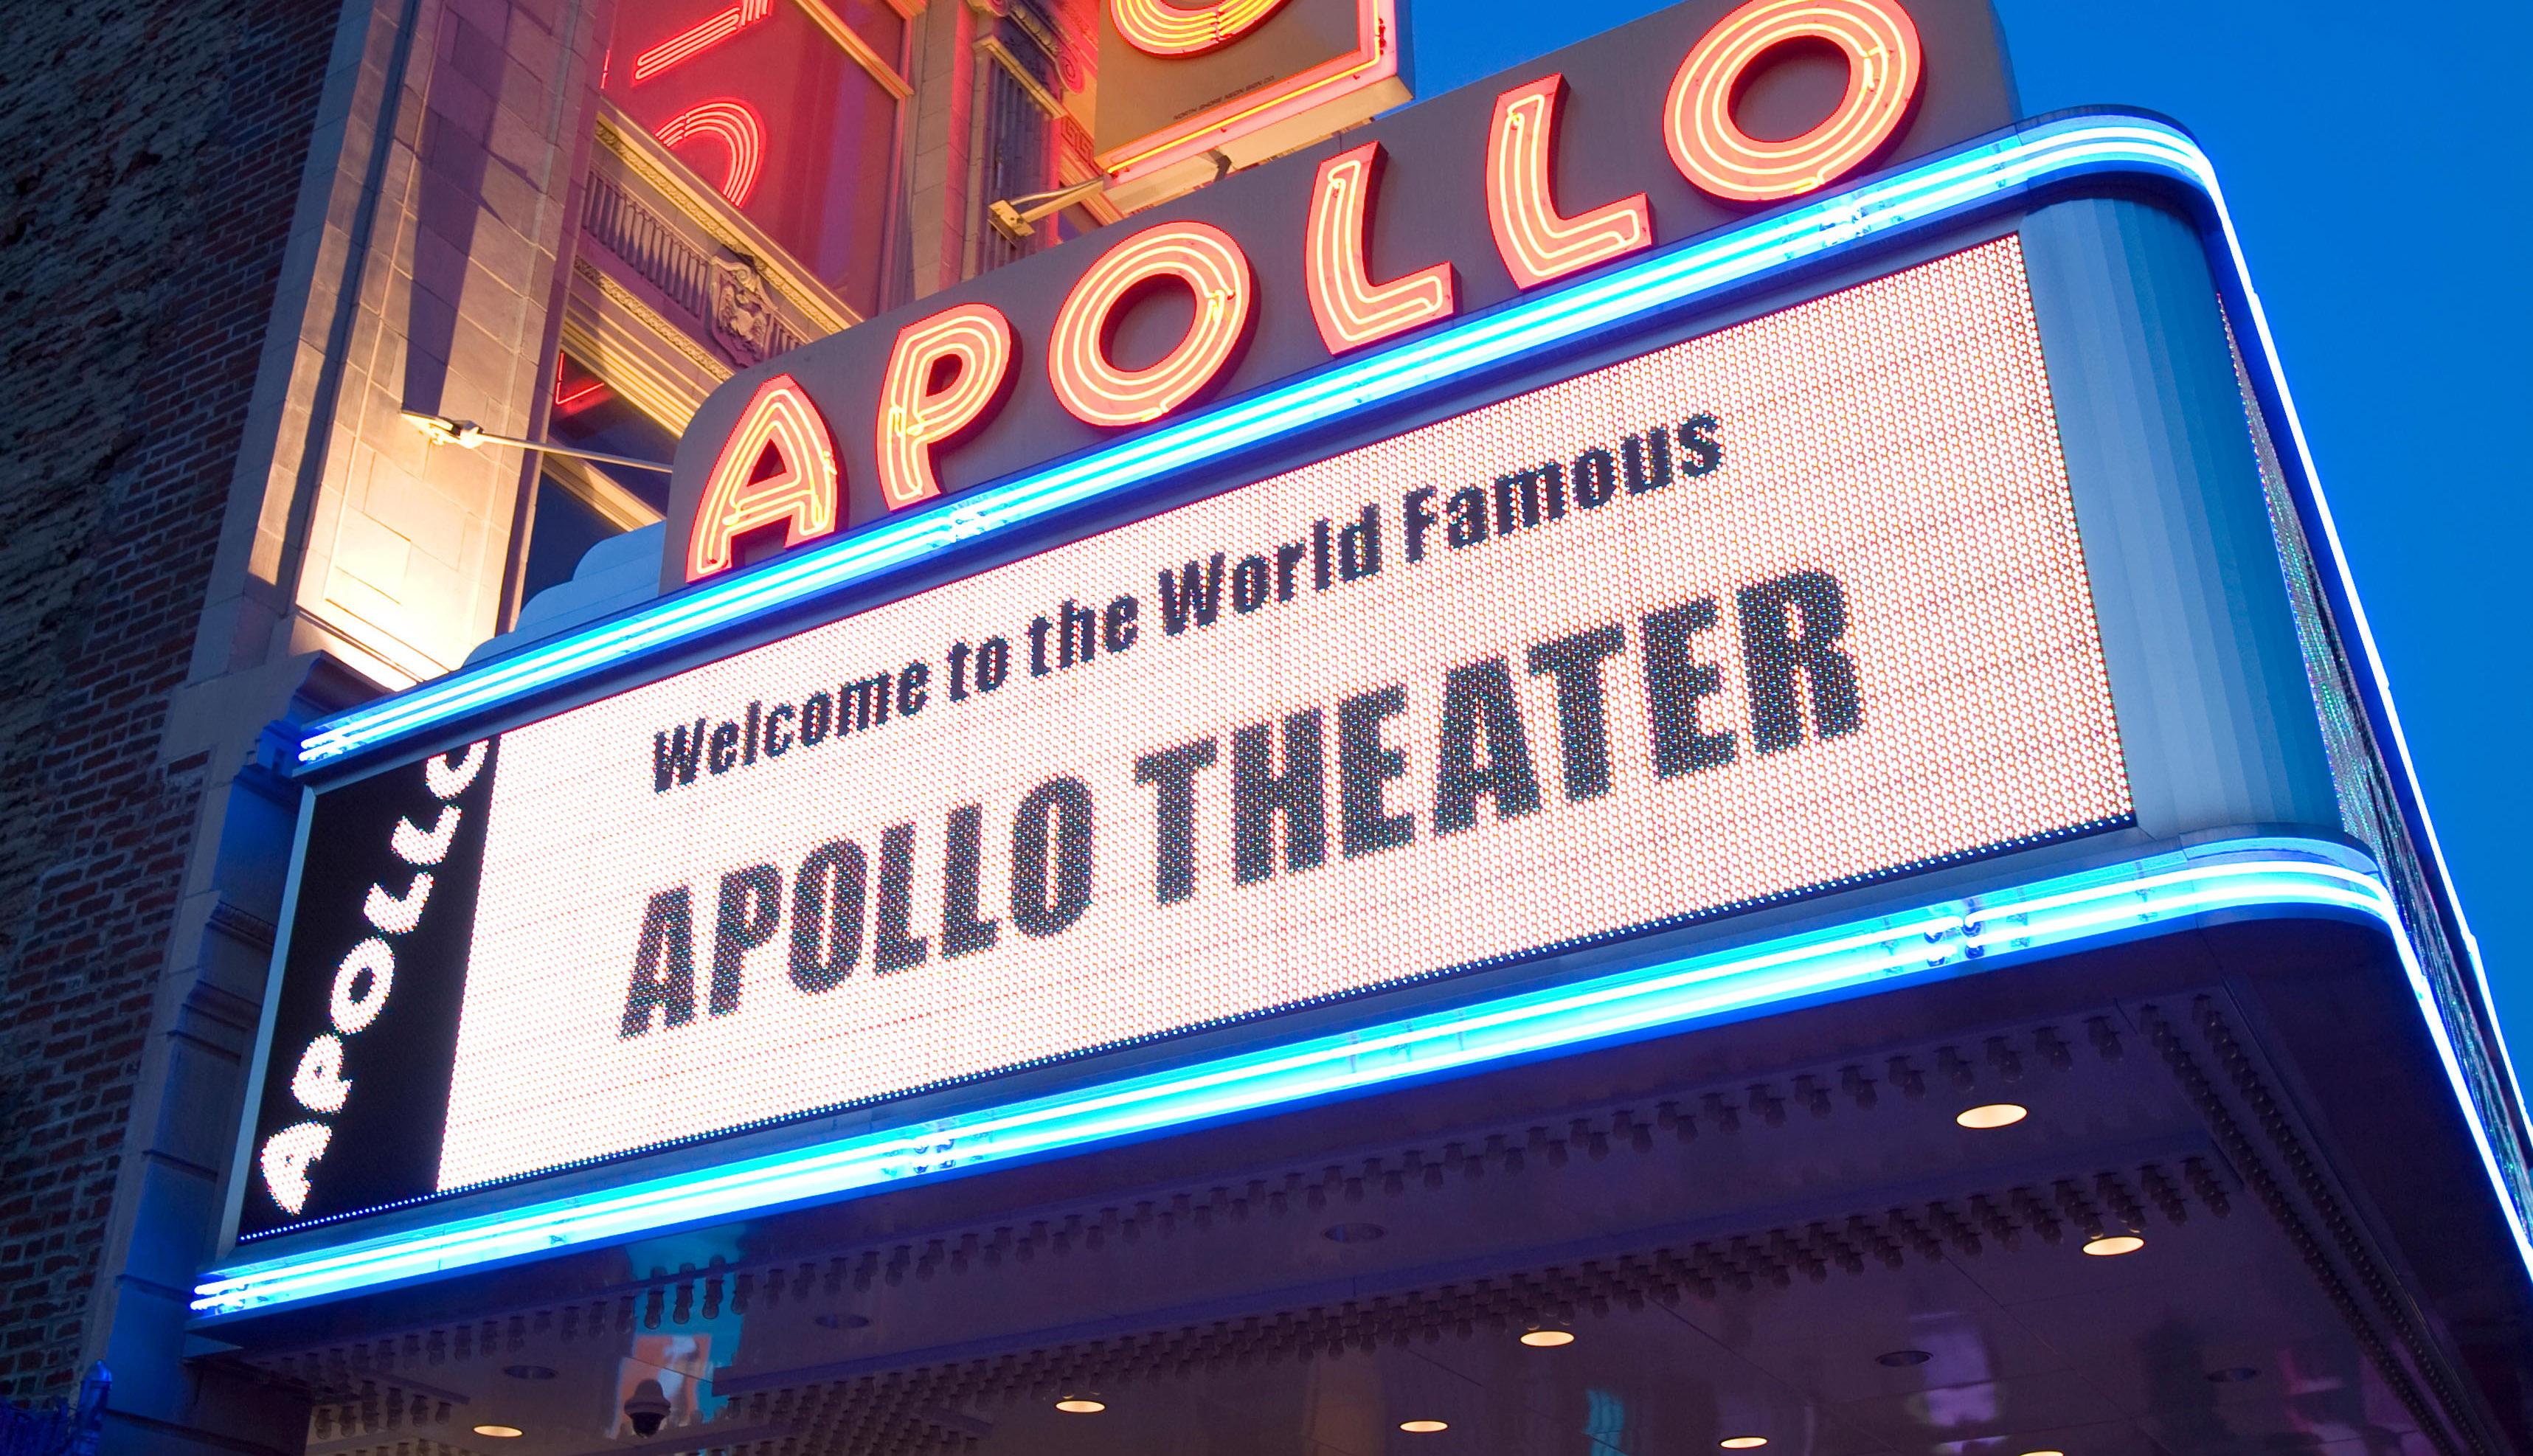 Apollo Theatre marquee